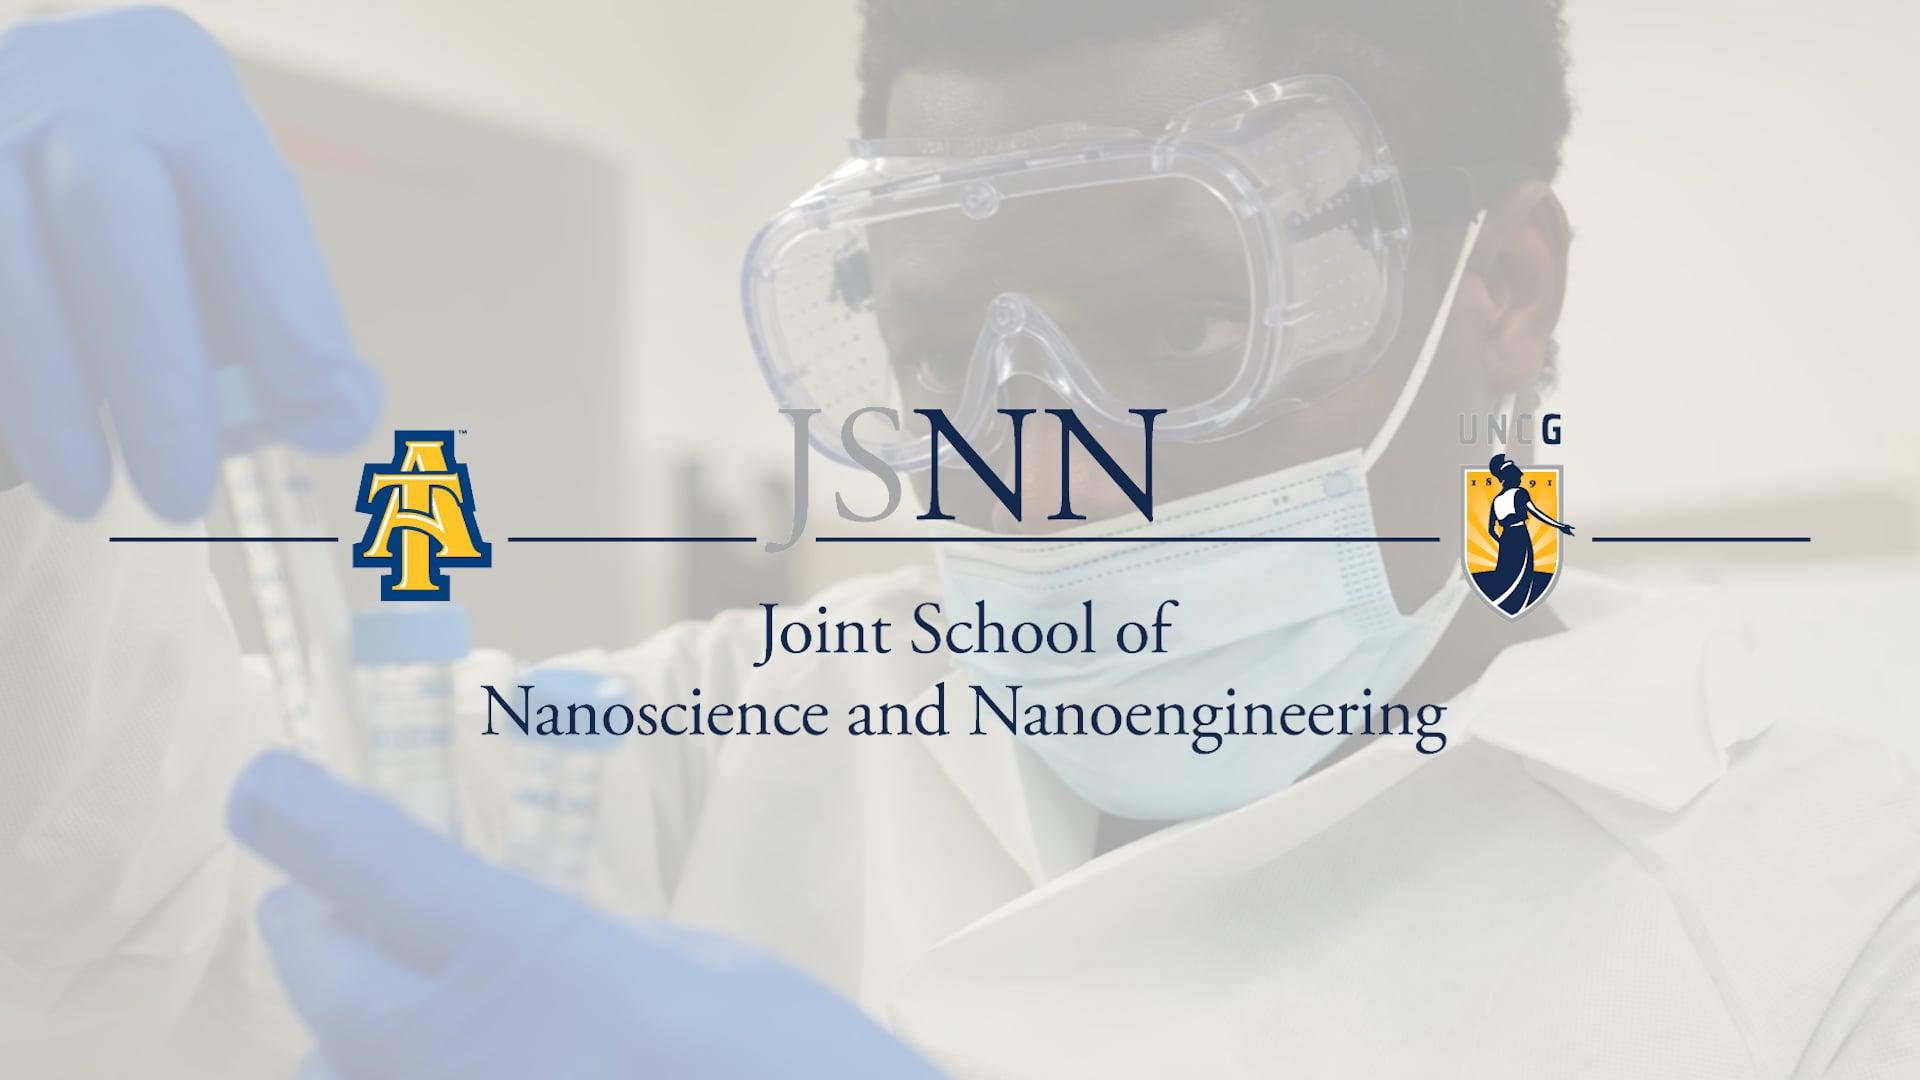 JSNN | 2020